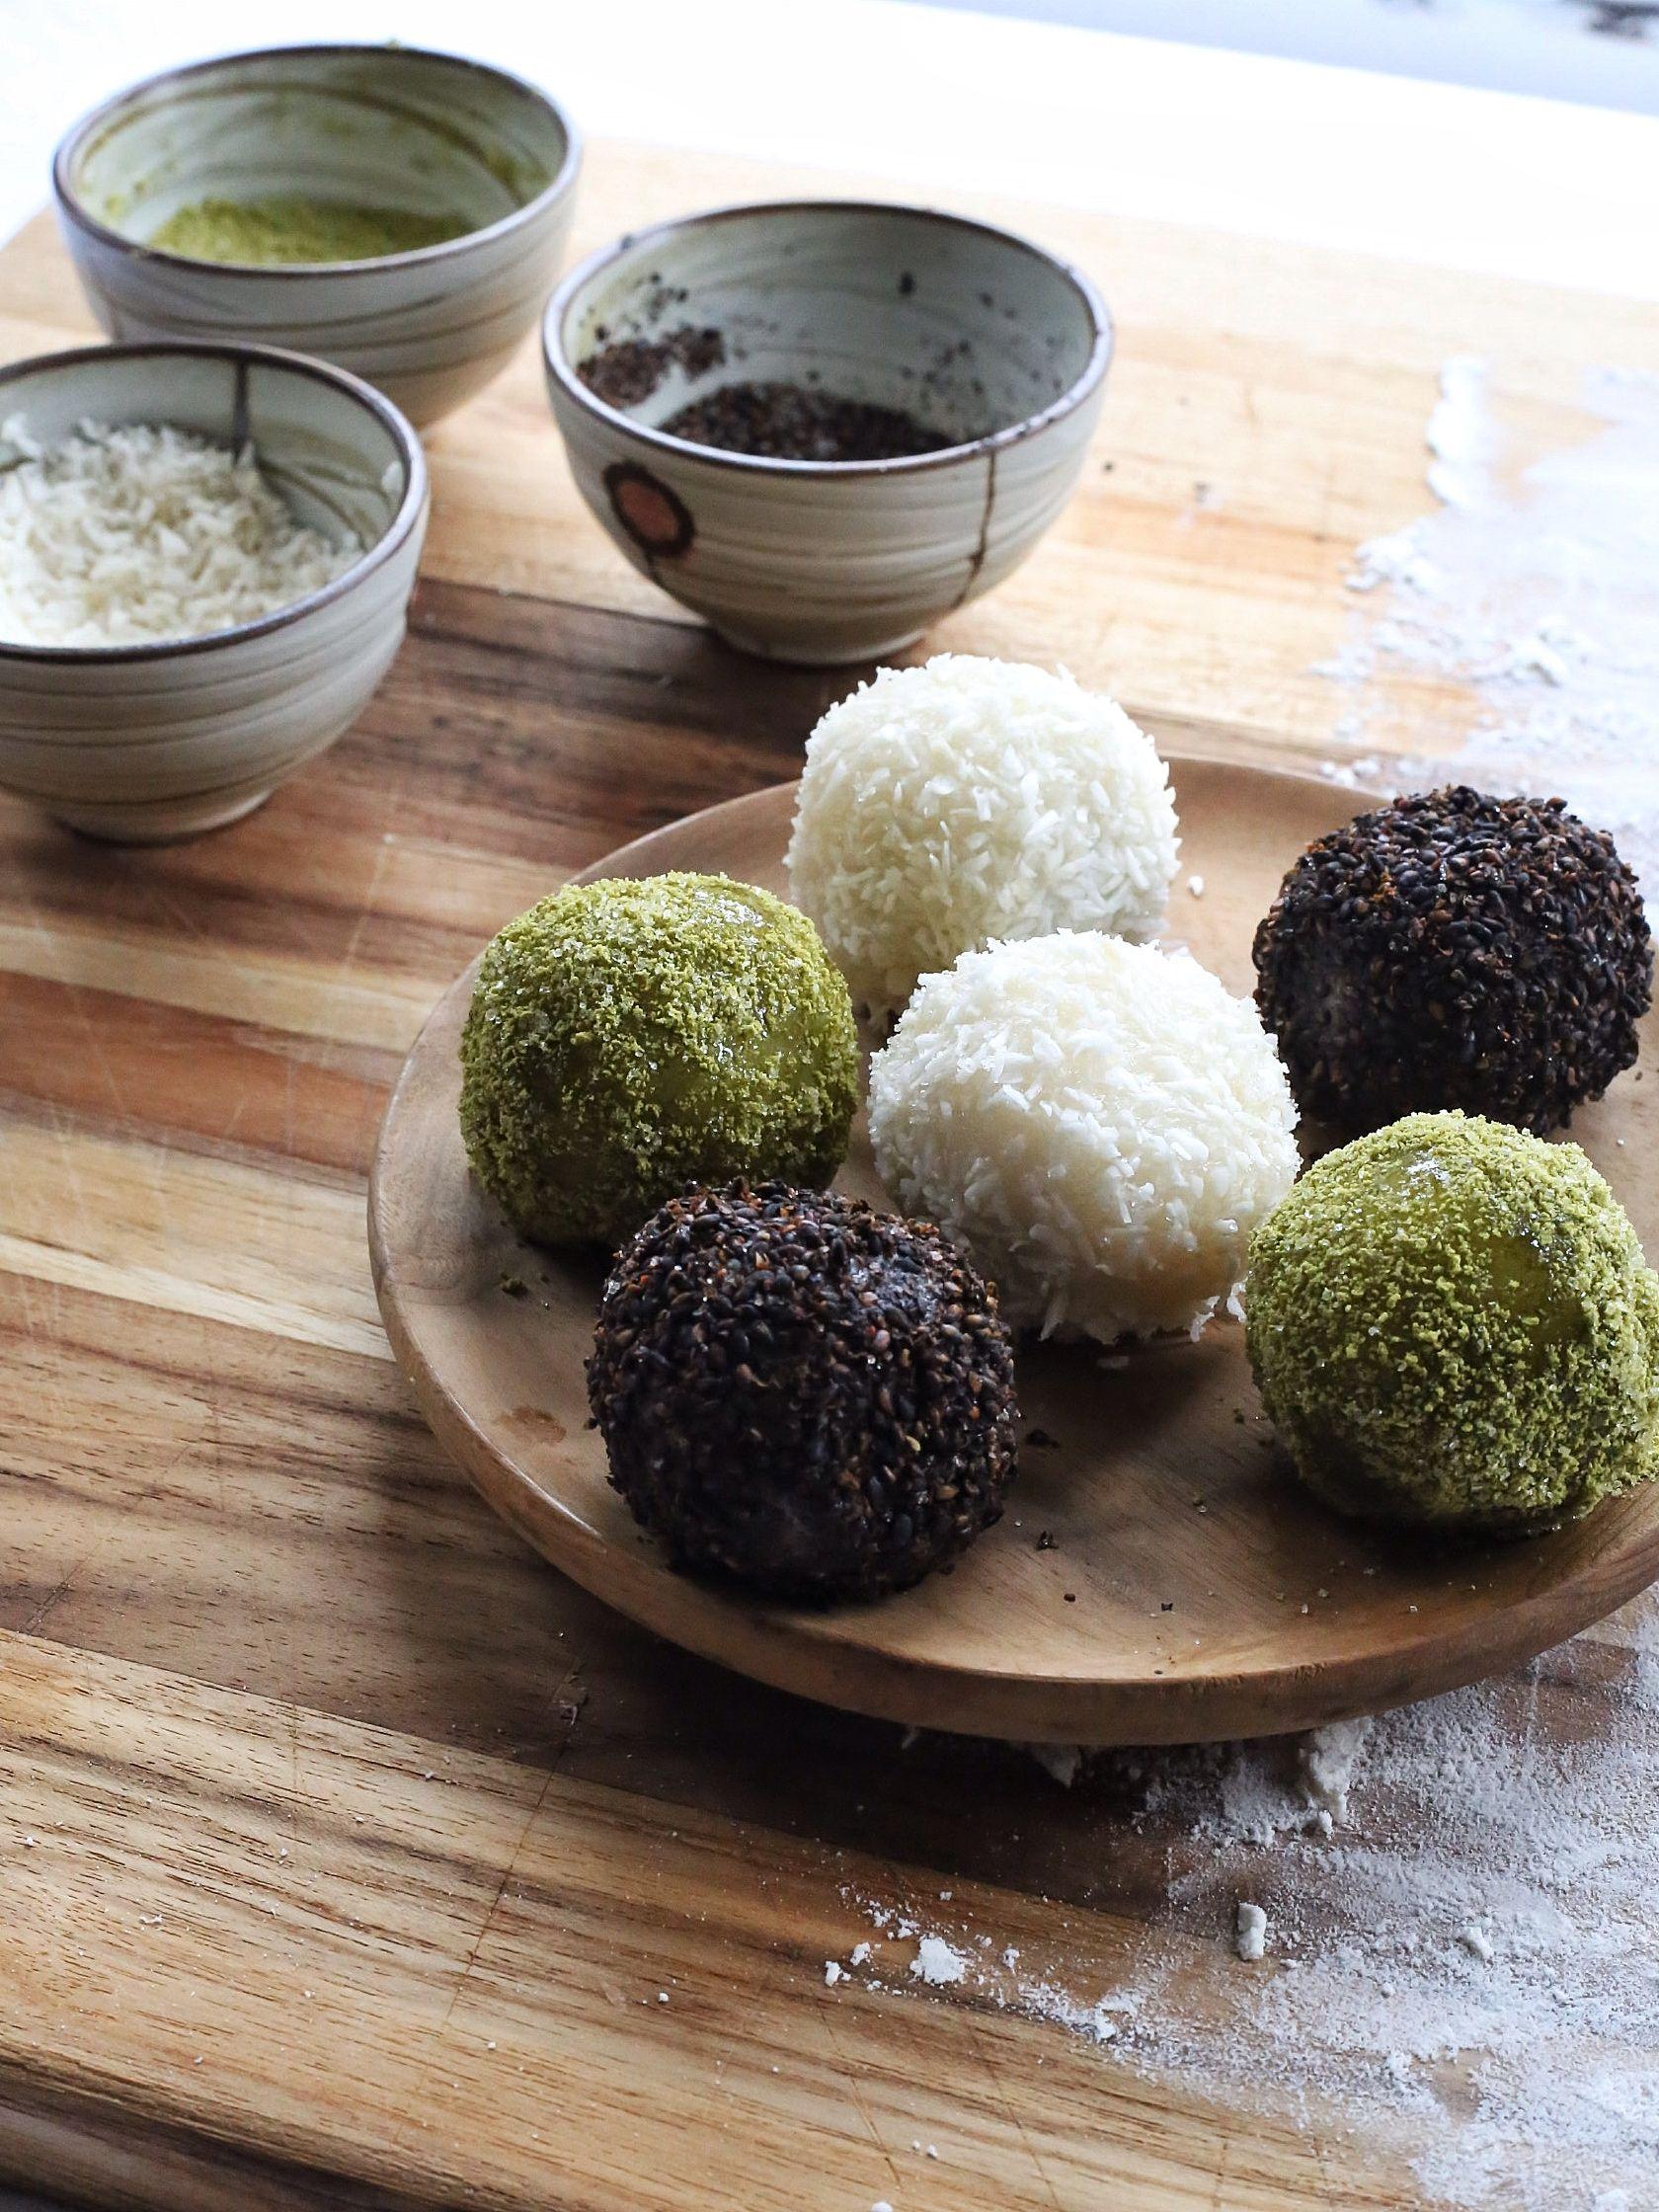 этой рецепты корейских сладостей с фото удовольствием принимаю поздравления